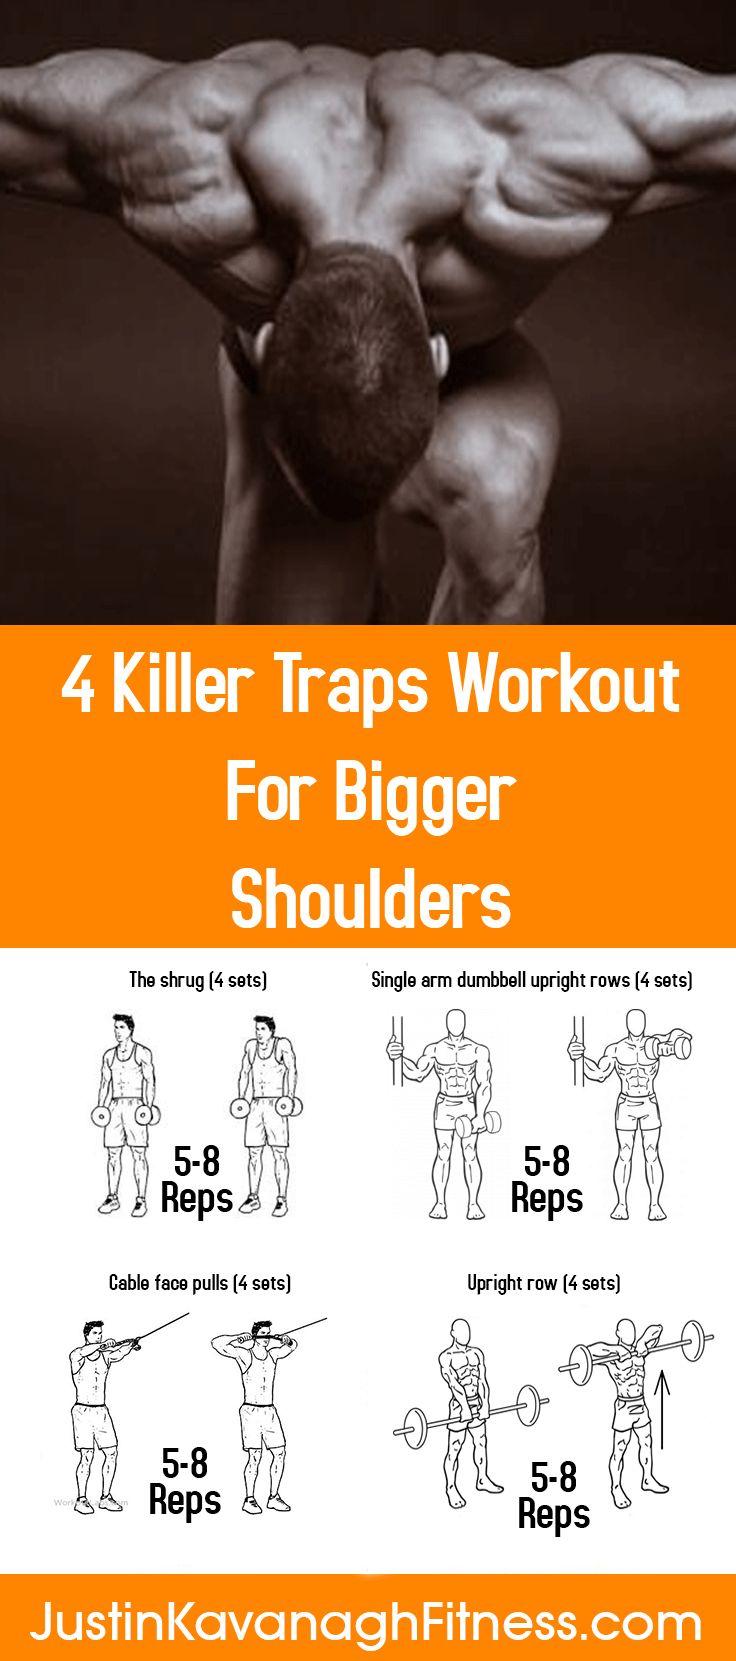 4 Killer Traps Workout